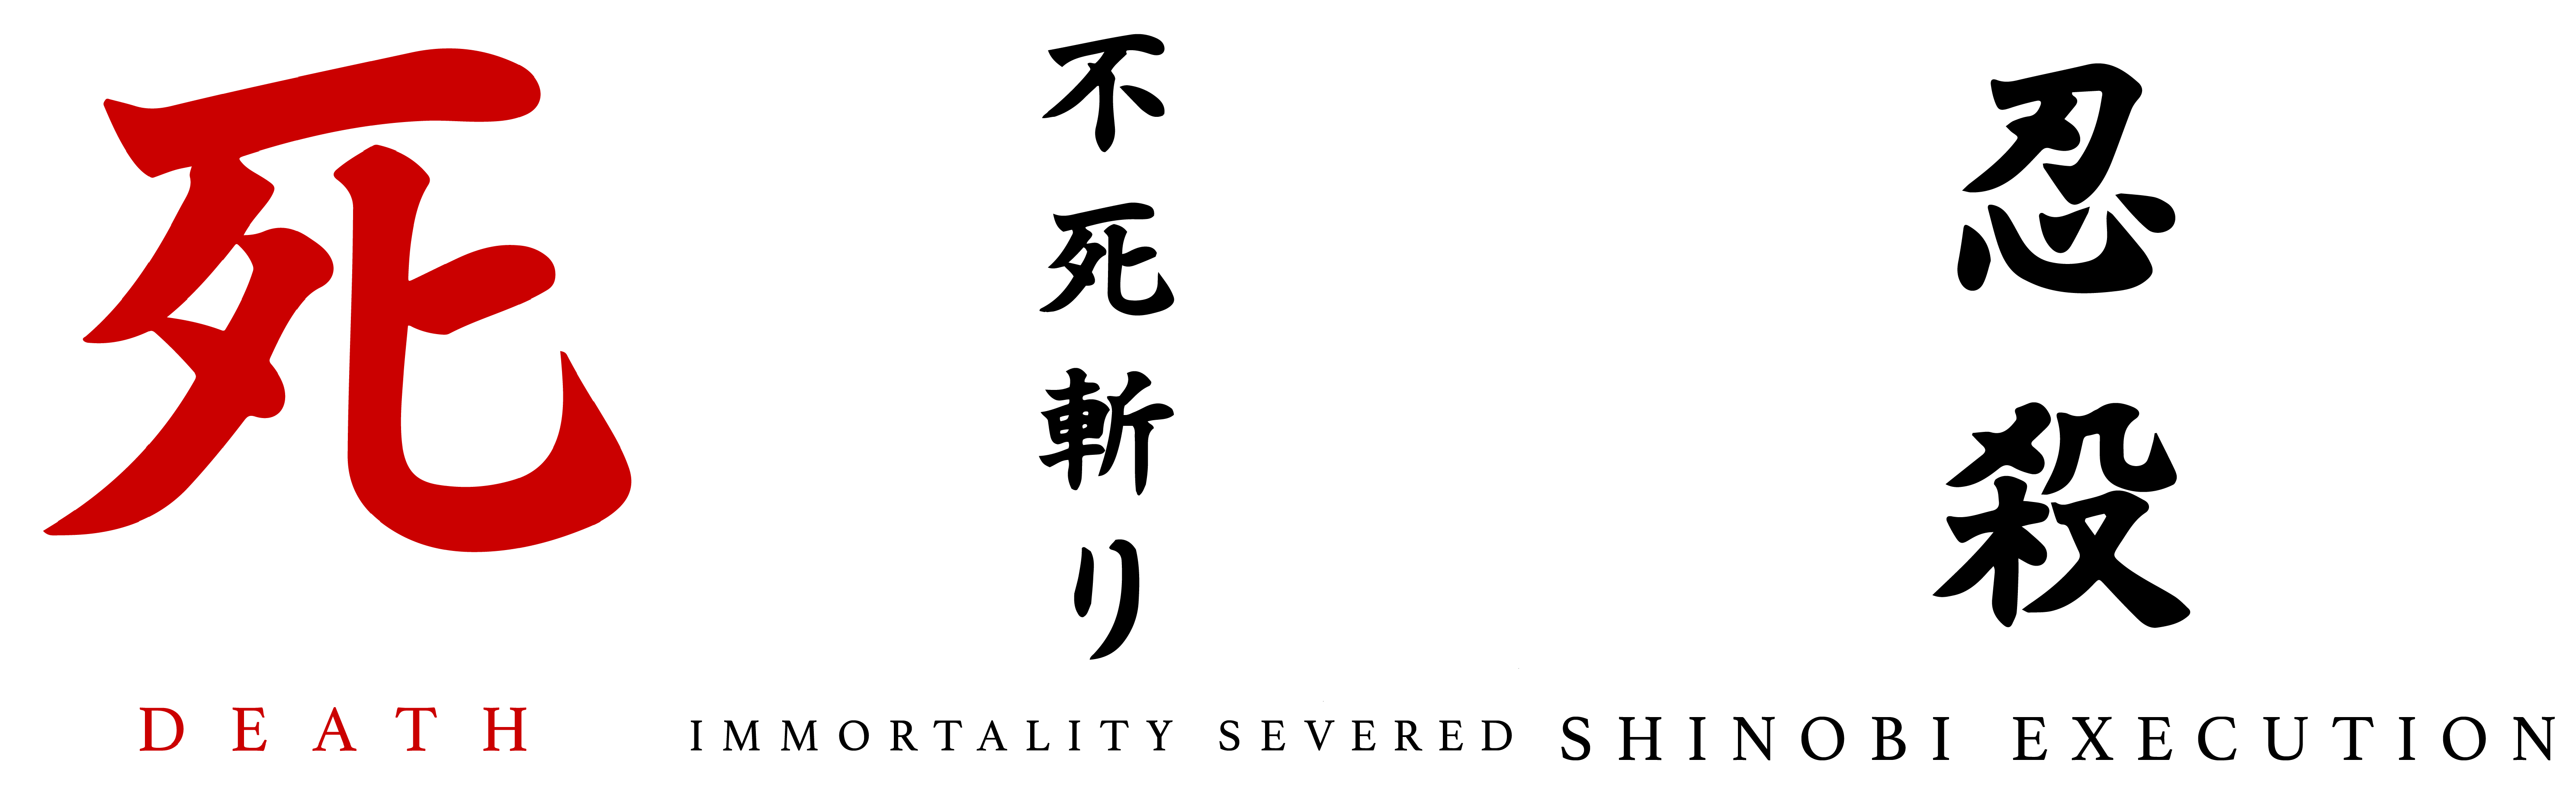 50++ Kanjis shadow information